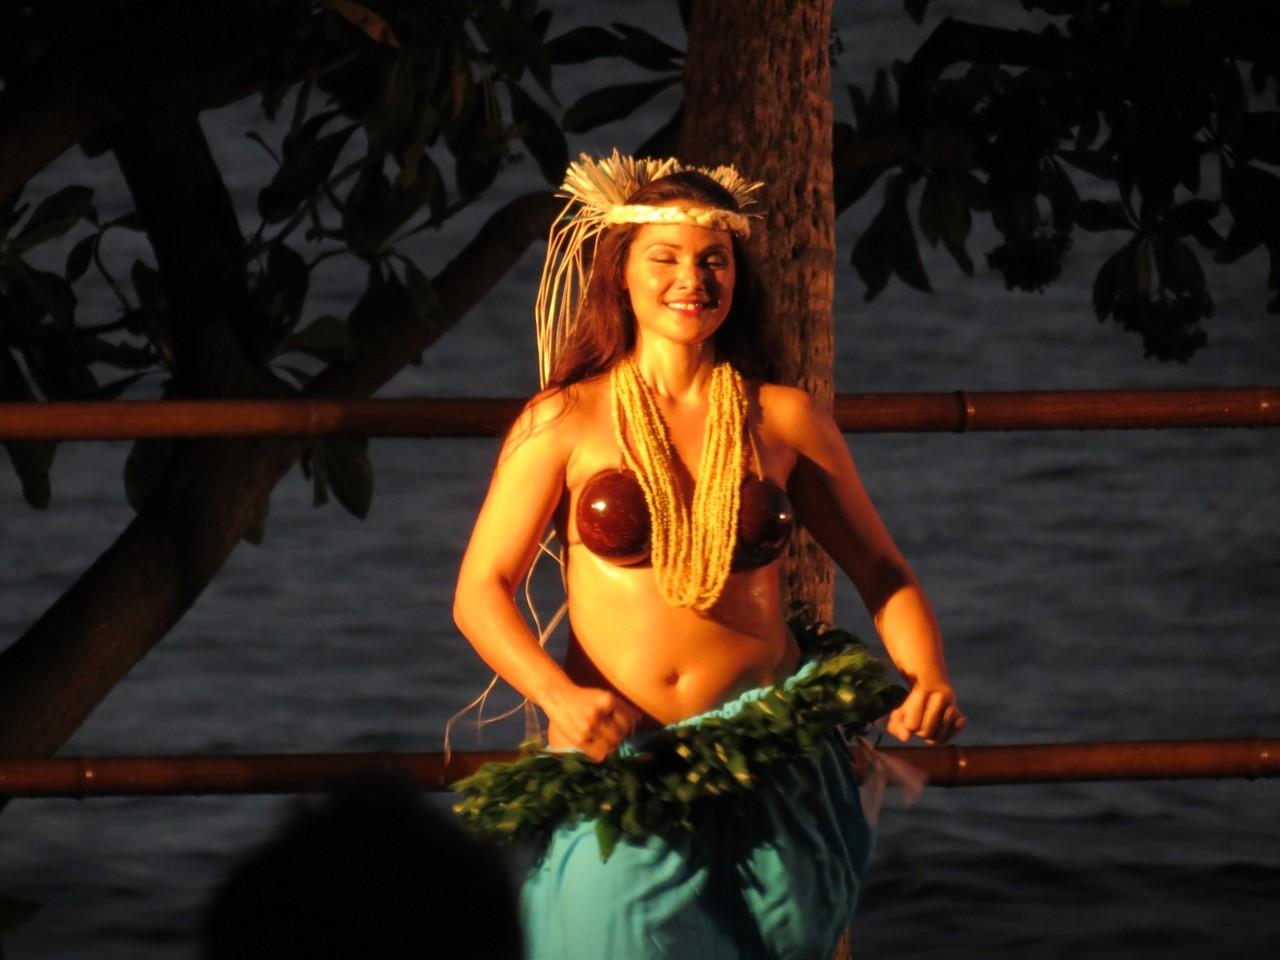 Hawaii - Strandparty mit Tänzerinnen